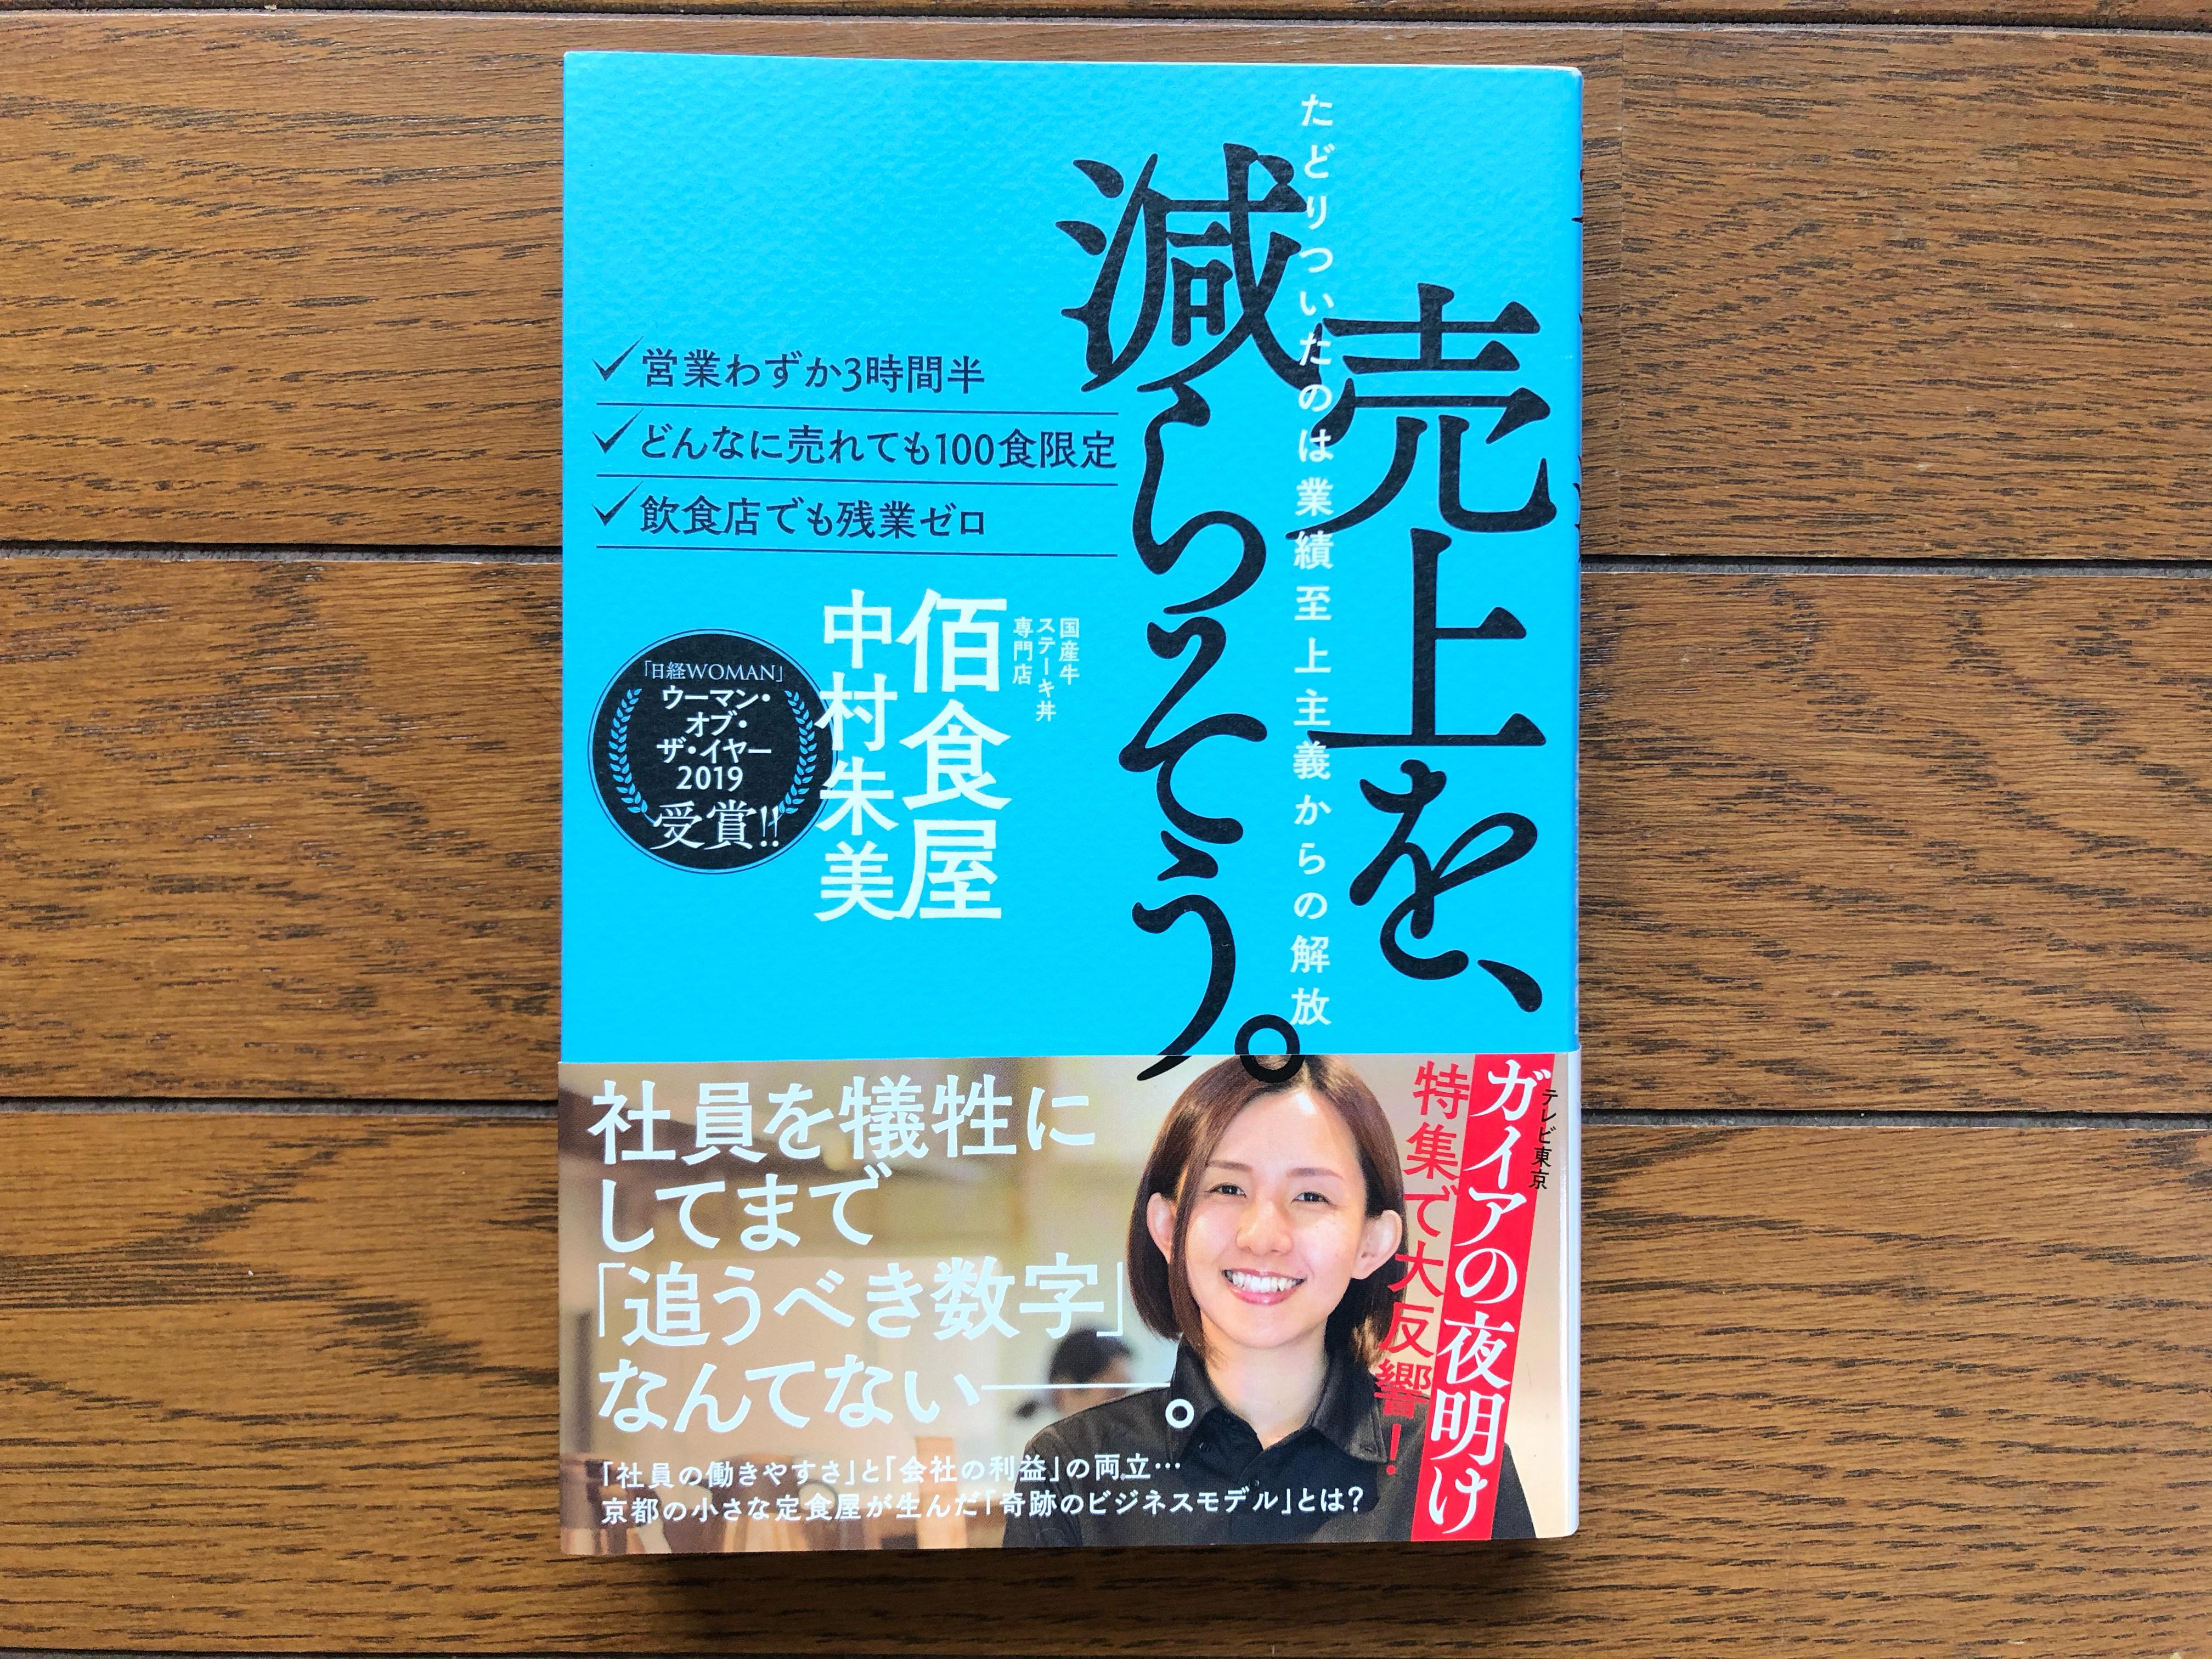 売り上げを、減らそう。中村朱美 著 を読みました。